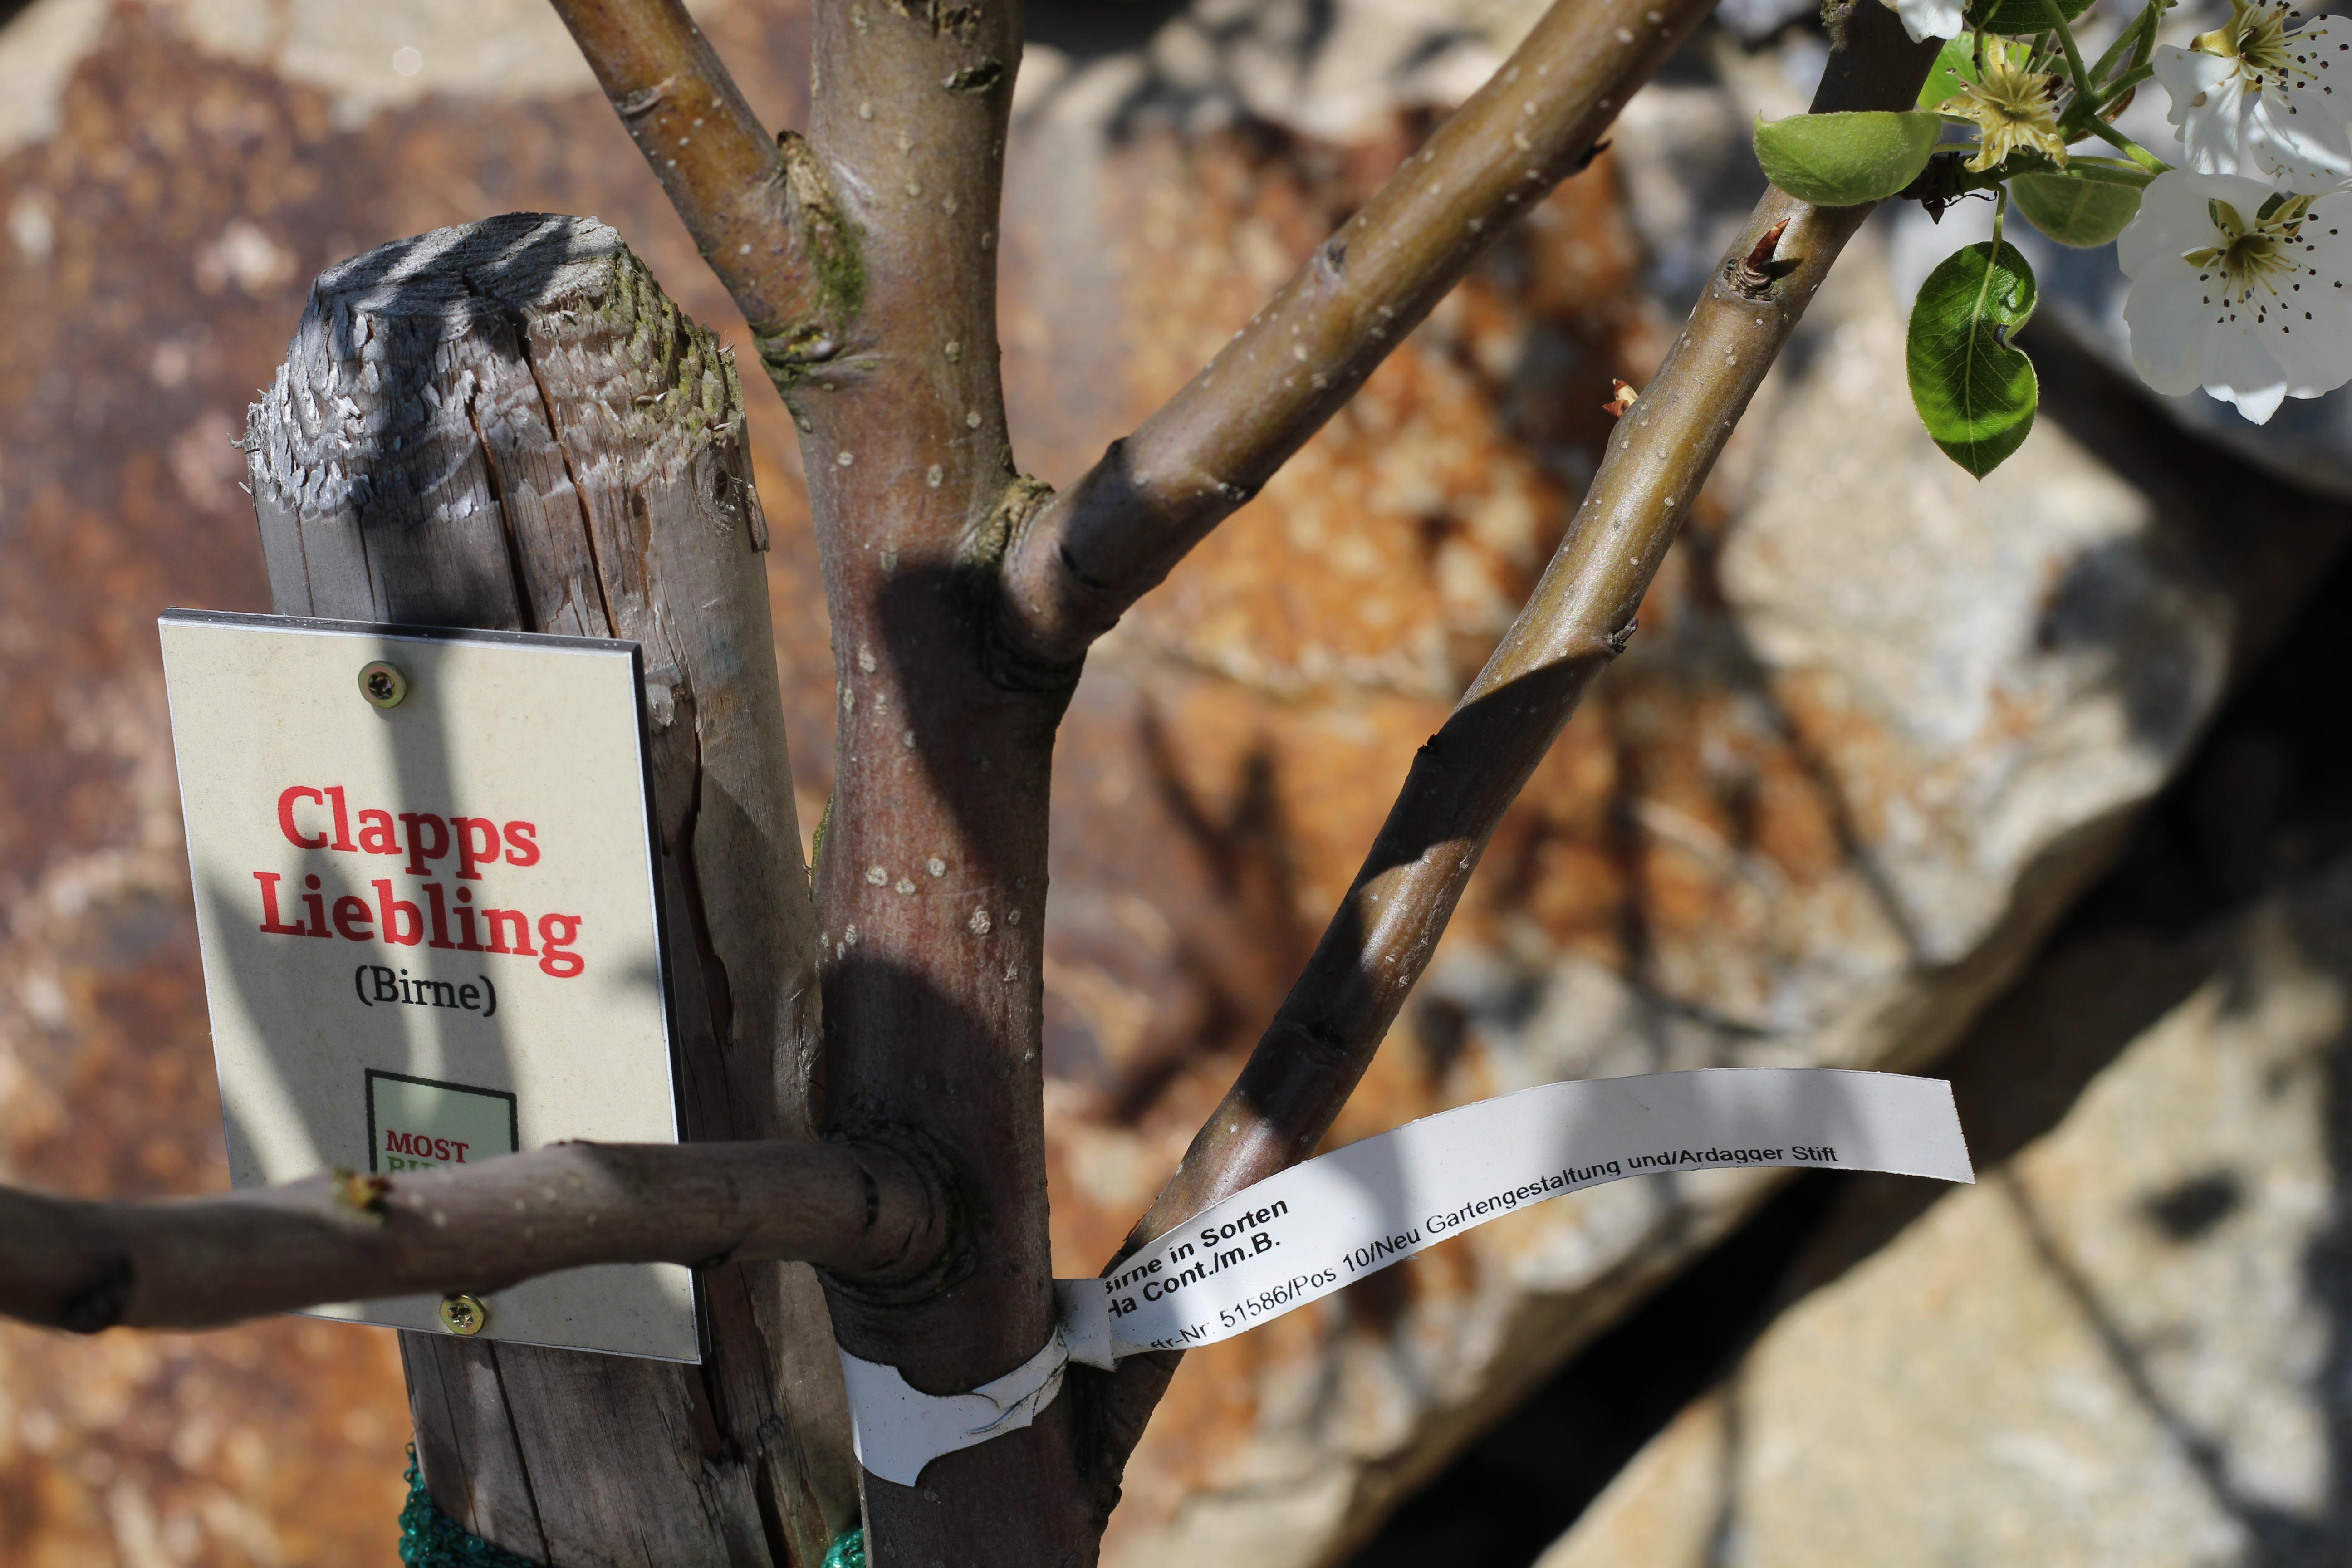 Mostbirnhaus Clapps Liebling